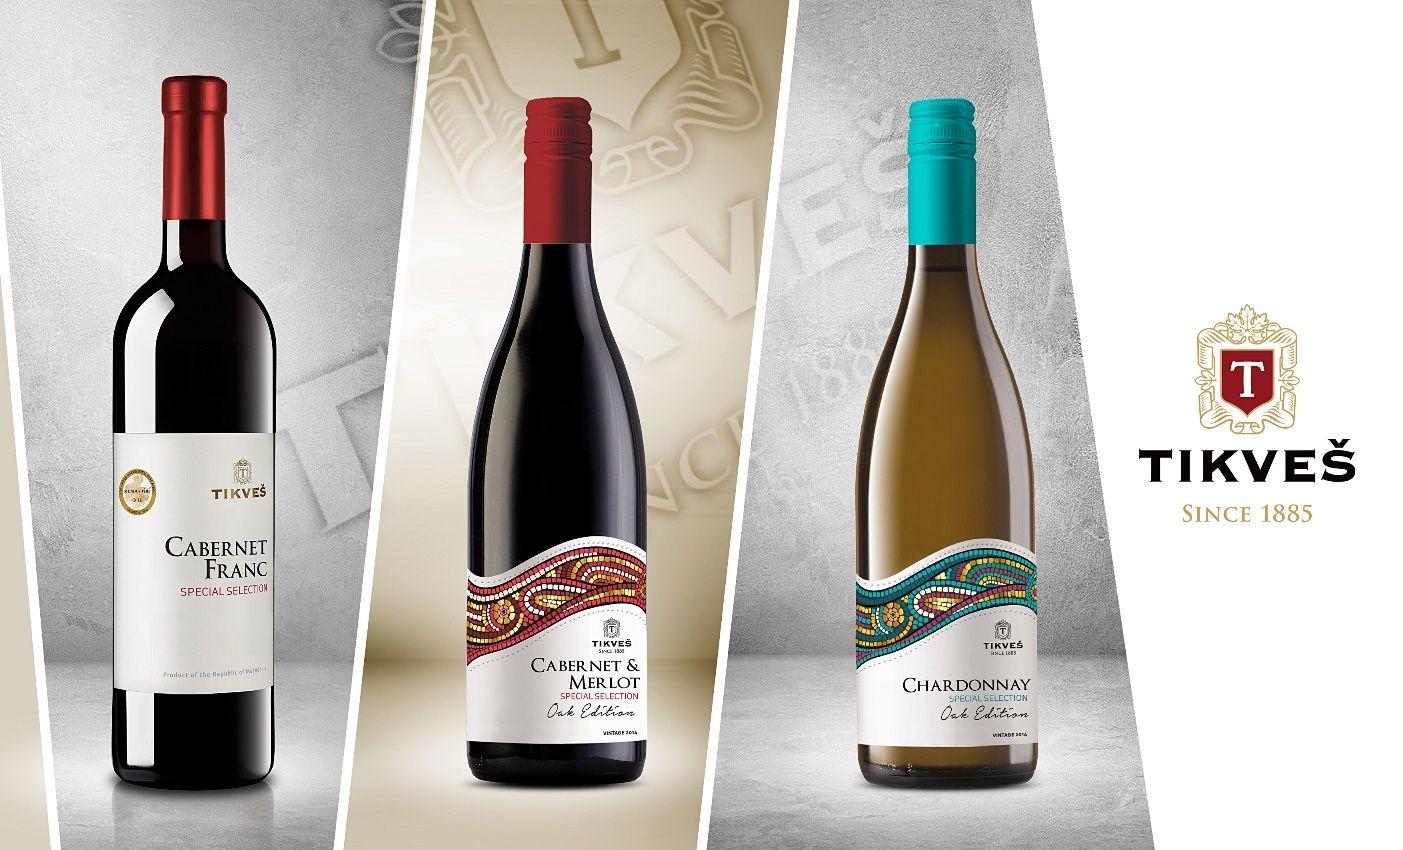 tri novi vina na tikvesh